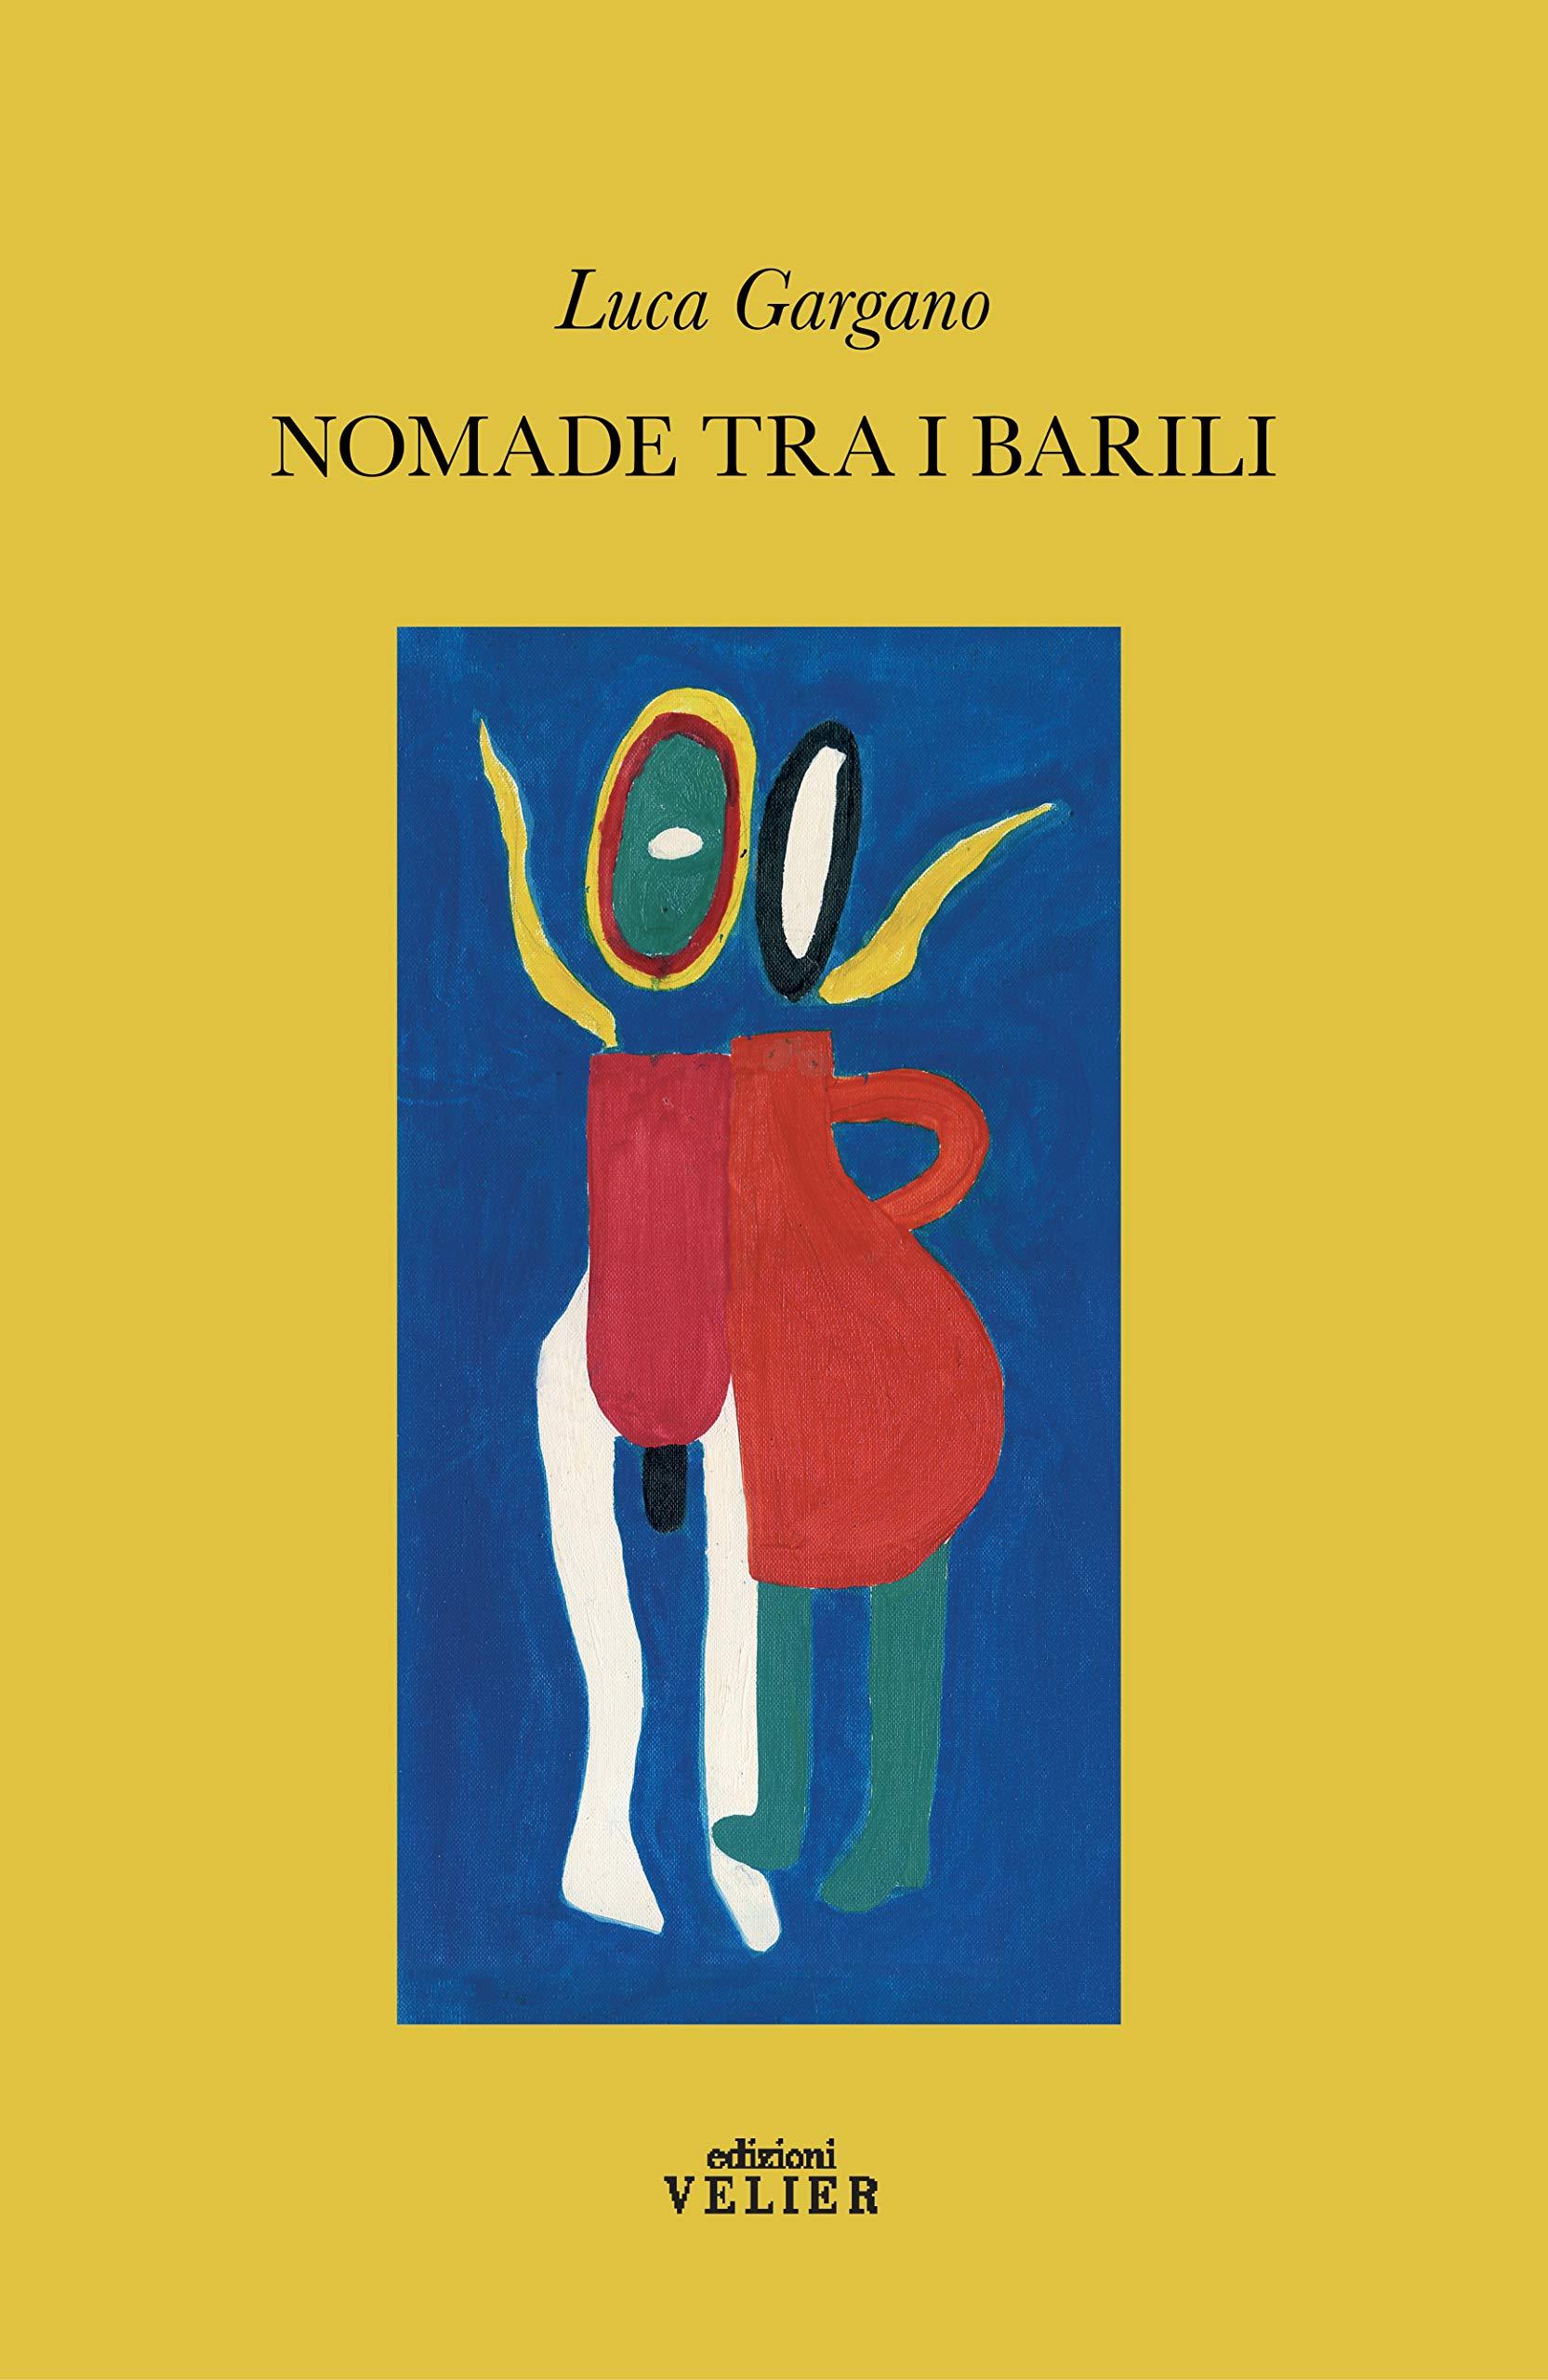 Nomade tra i barili: Amazon.es: Gargano, Luca: Libros en ...